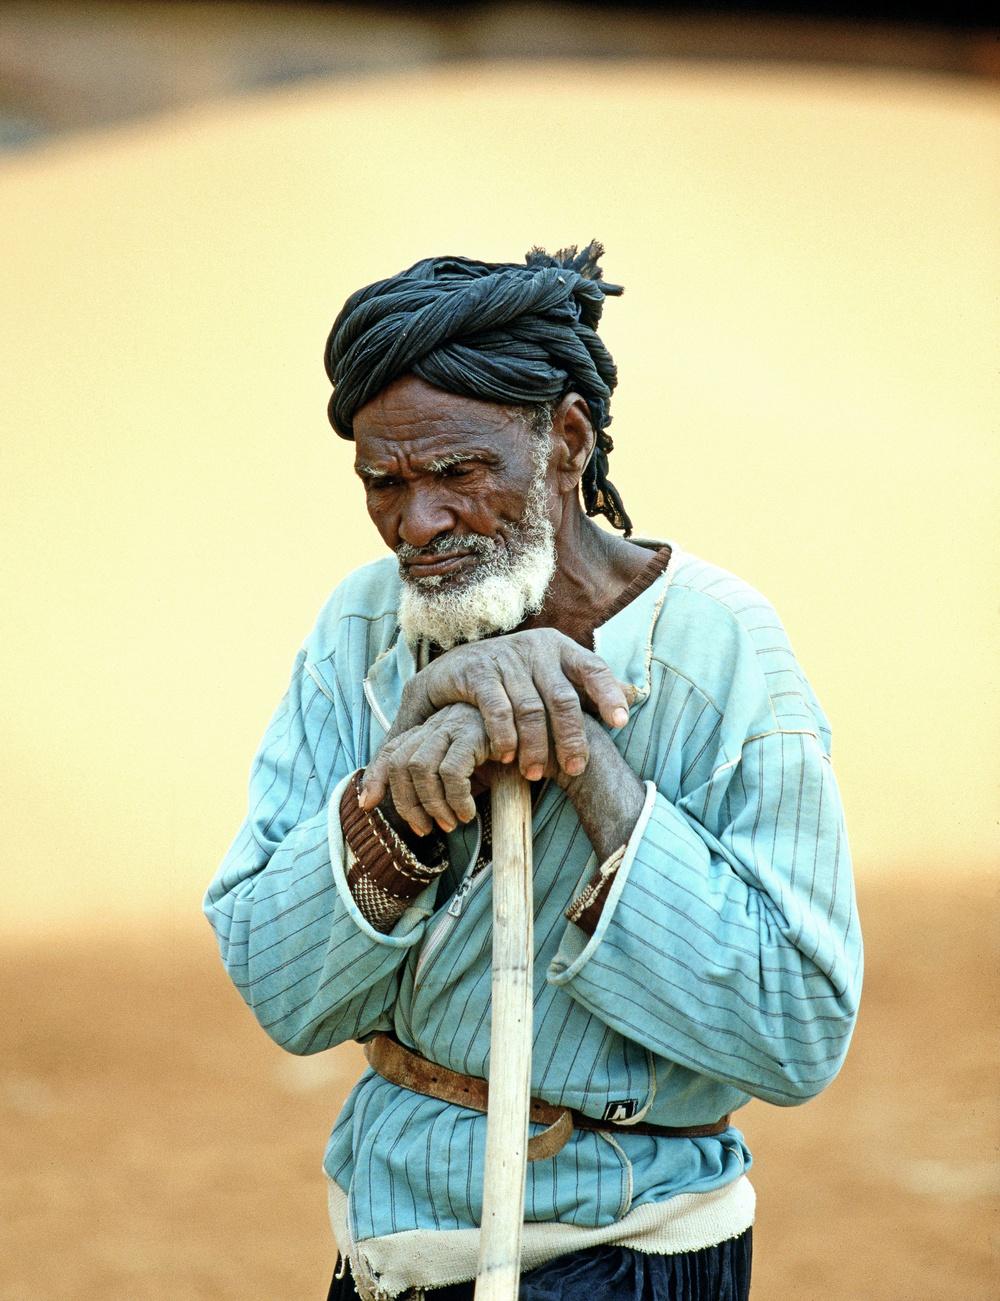 mauritanie, le penseur africain de Chris